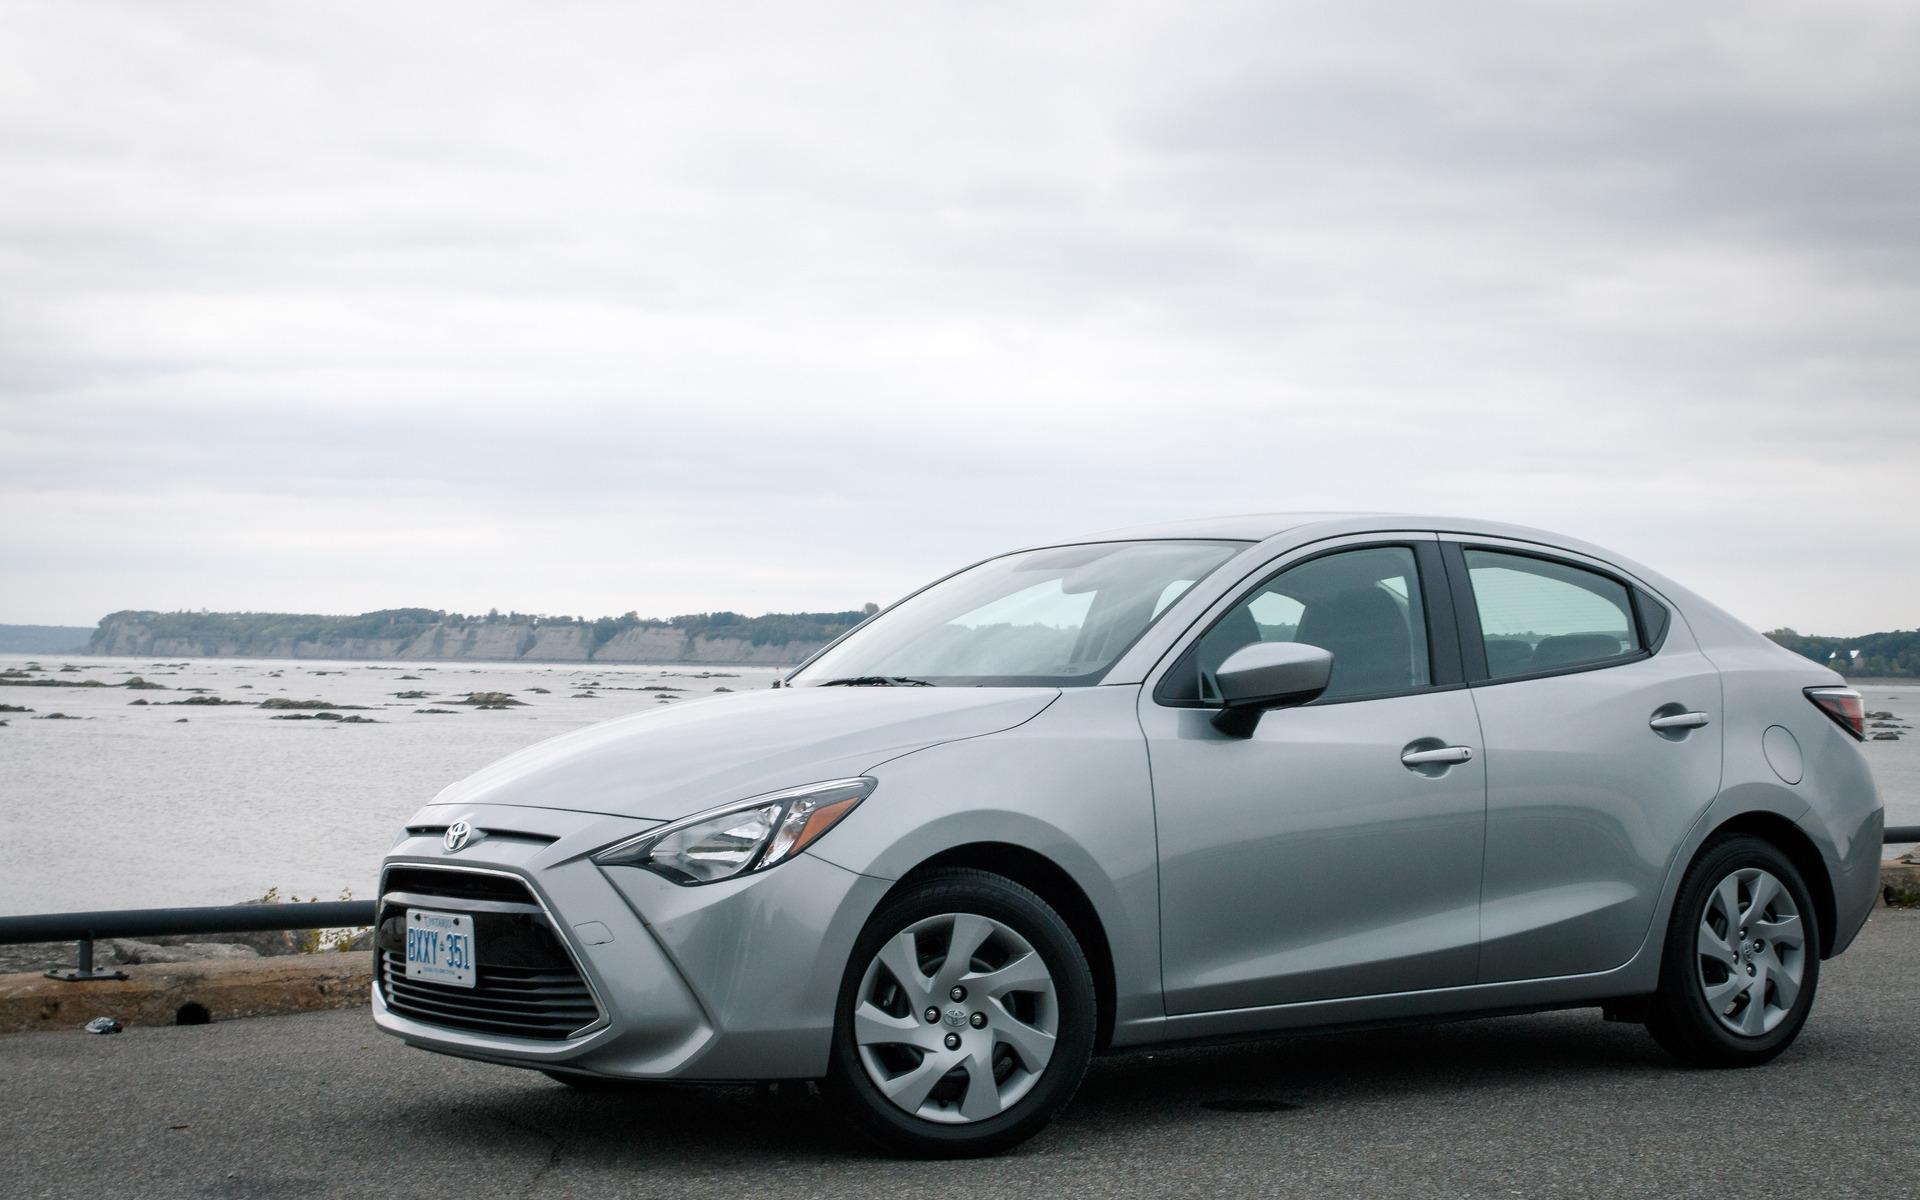 Kekurangan Toyota Yaris 2016 Murah Berkualitas